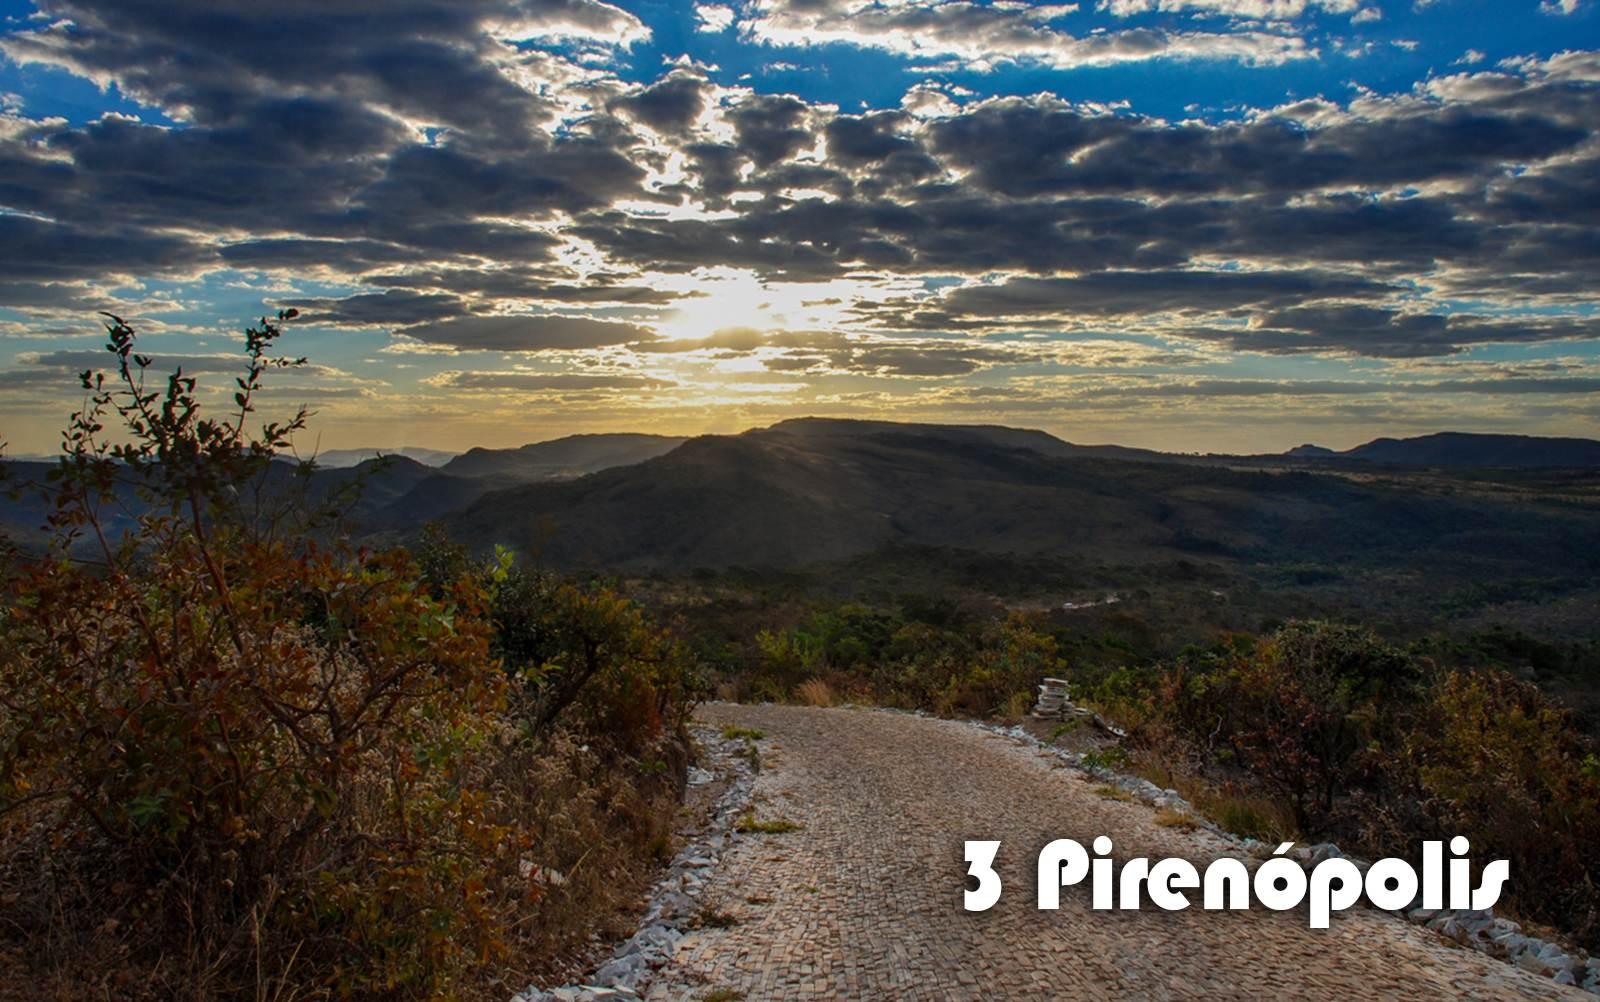 Parque Estadual dos Pirineus vale a esticada para quem estiver hospedado em alguma pousada na charmosa Pirenópolis | Foto: Reprodução